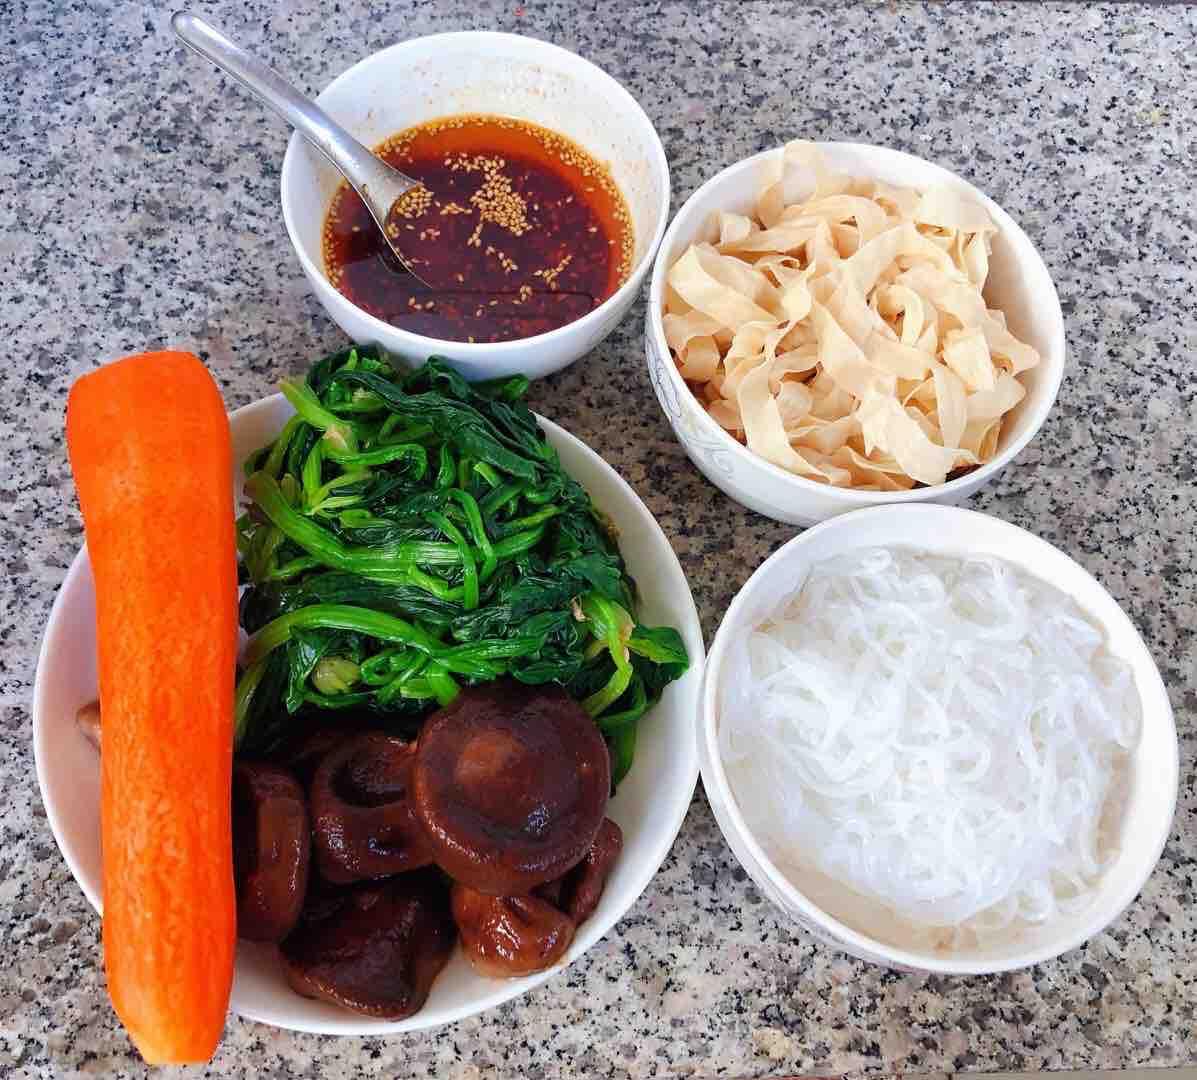 凉拌菠菜粉丝豆皮的家常做法